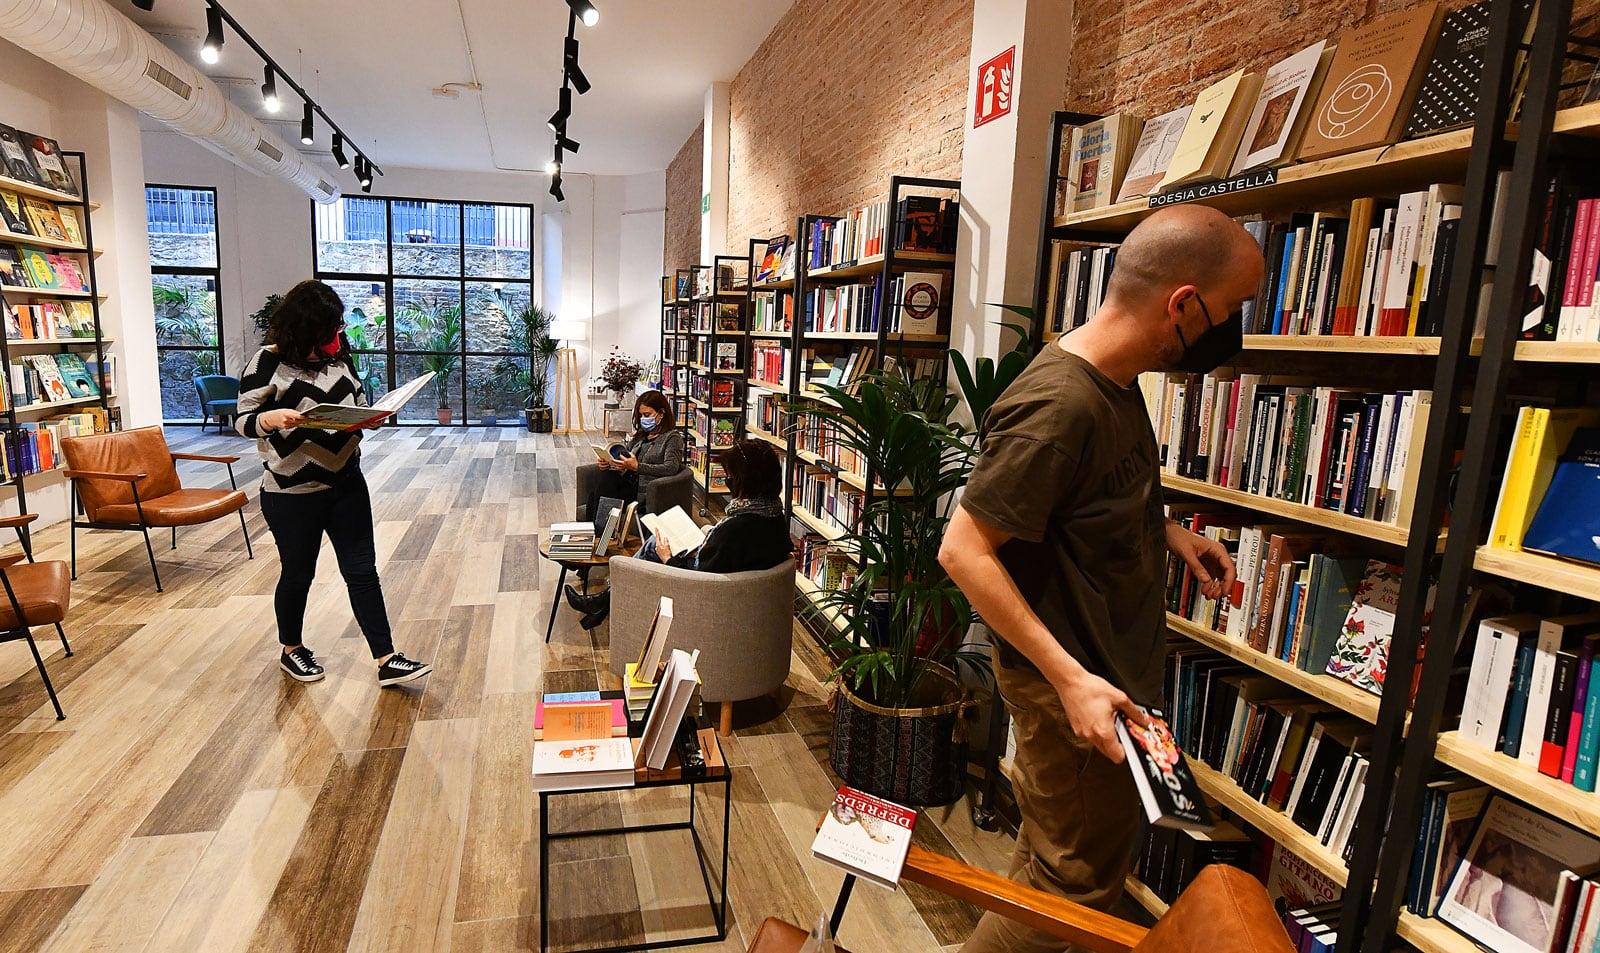 La nova llibreria Byron al carrer Casanova de Barcelona. Fotografia de Xavier Jubierre.